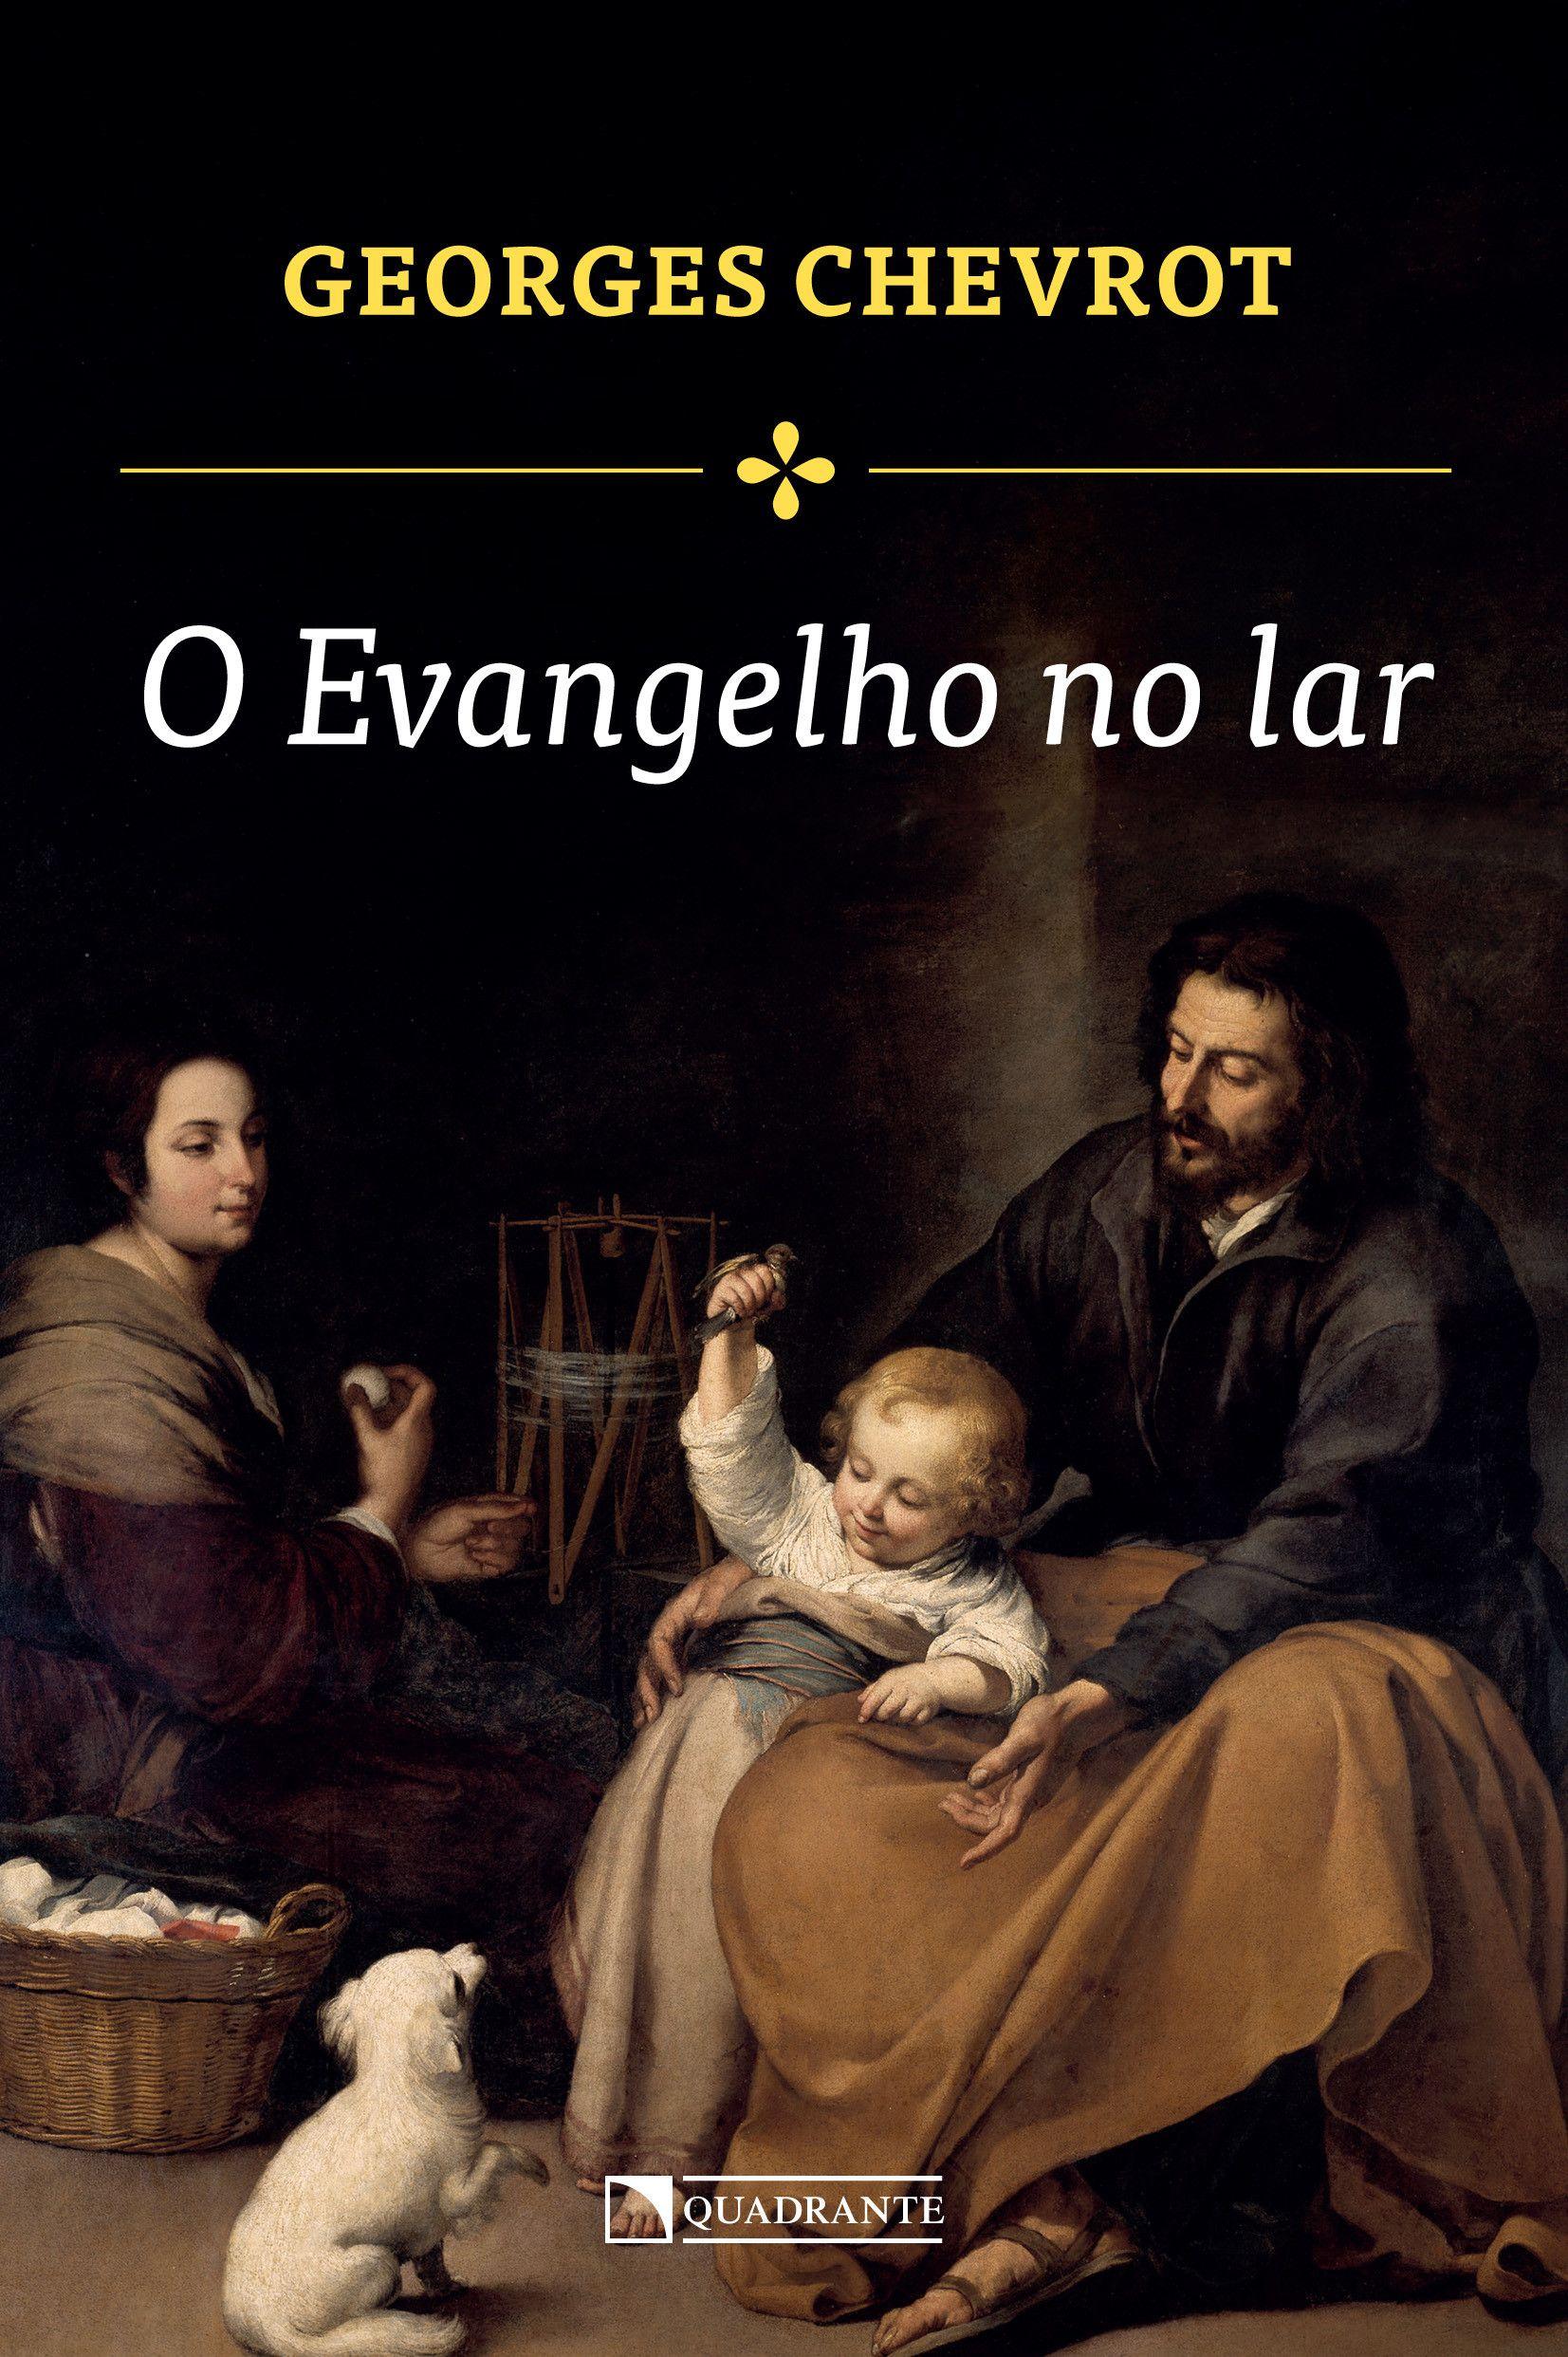 O Evangelho no lar